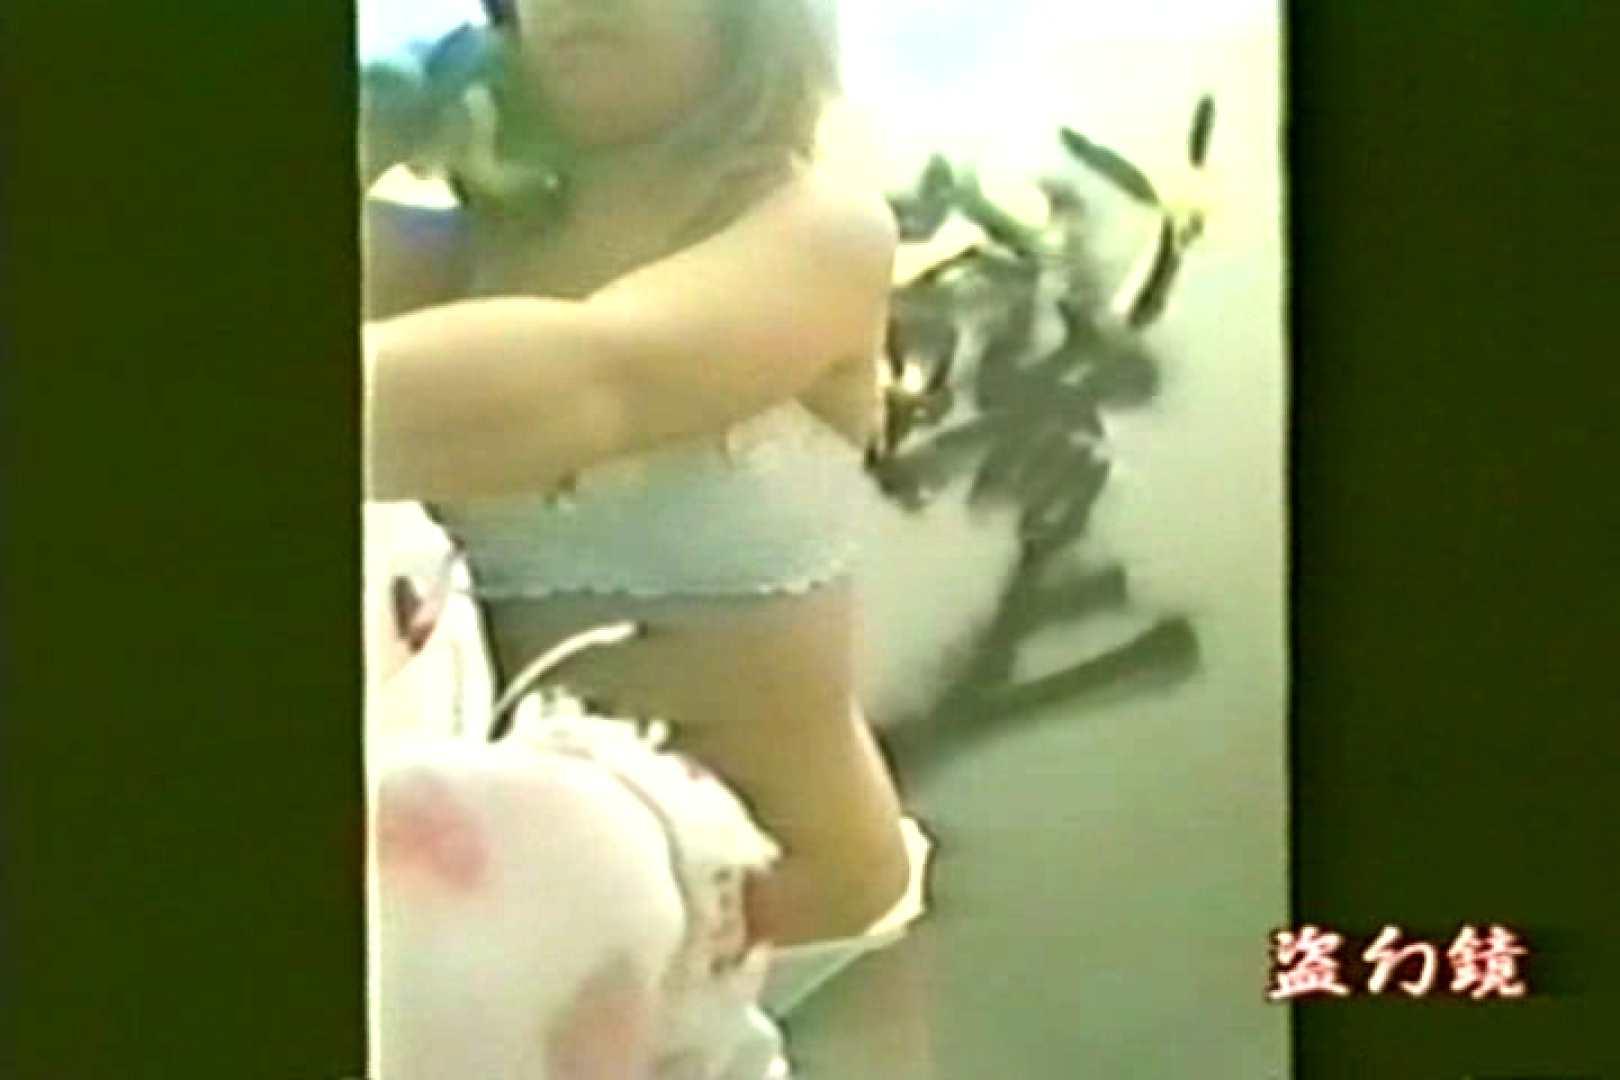 水着ギャル和式女子大生● MT-1 洗面所突入 ヌード画像 103pic 24